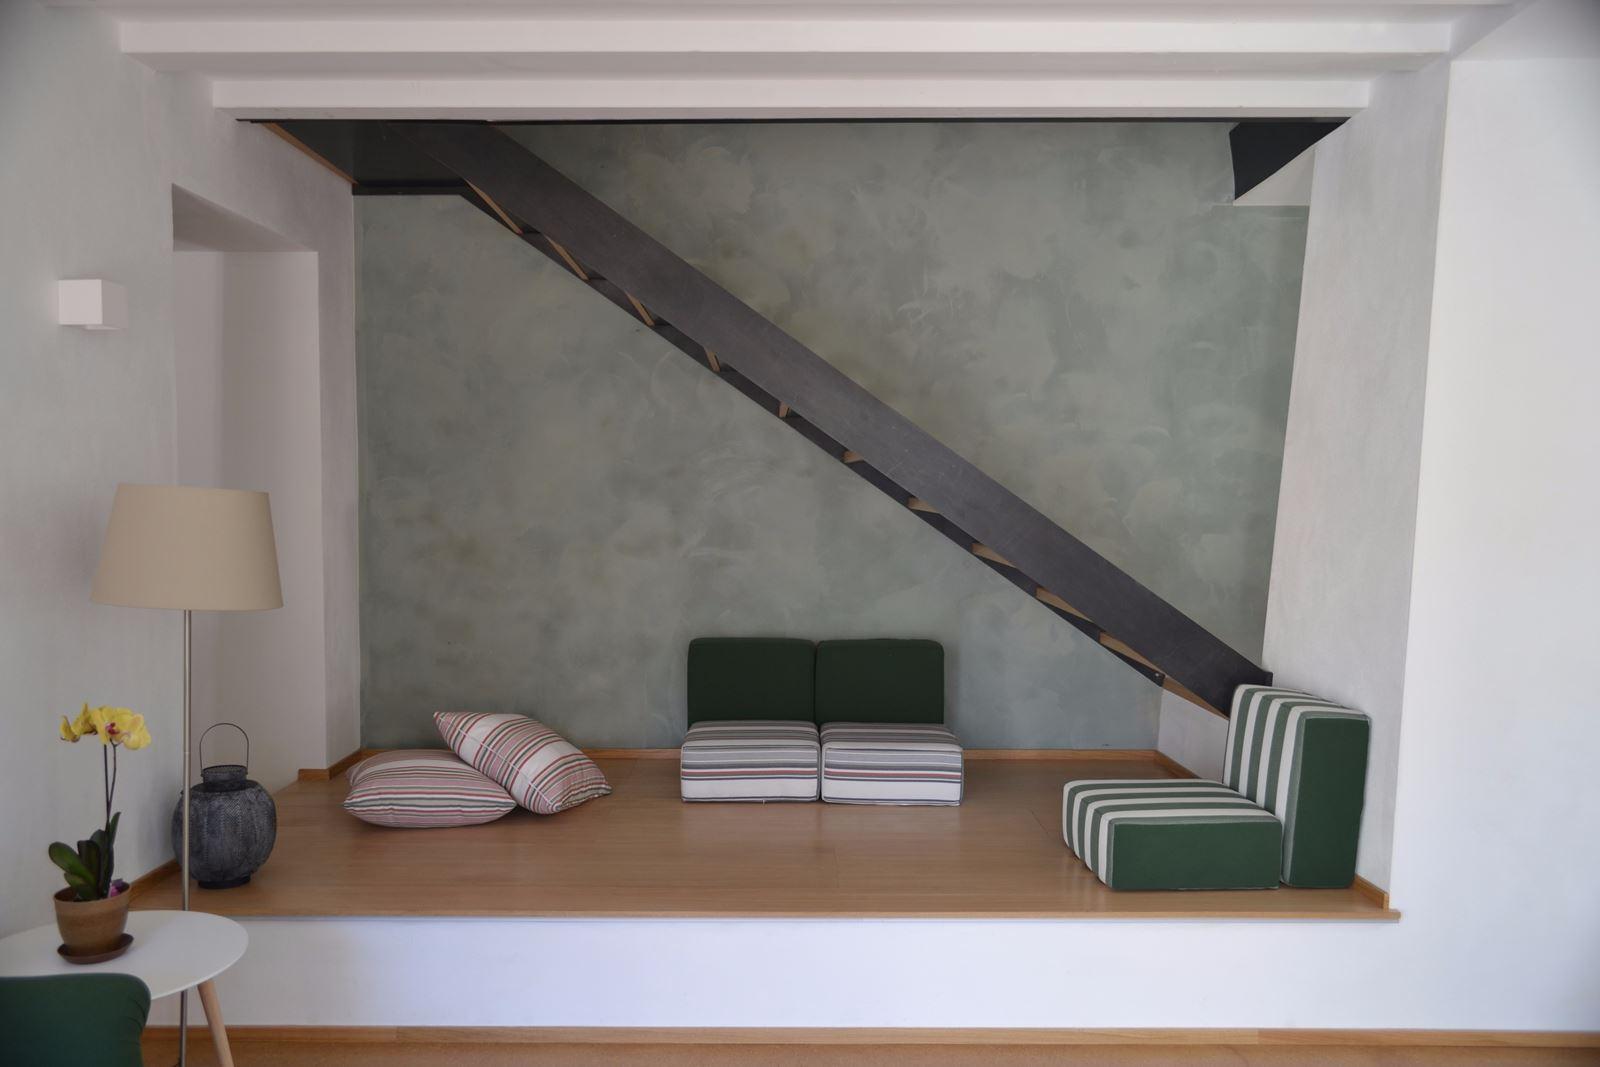 La ristrutturazione di una casa con soppalco for Piccole planimetrie della casa con soppalco